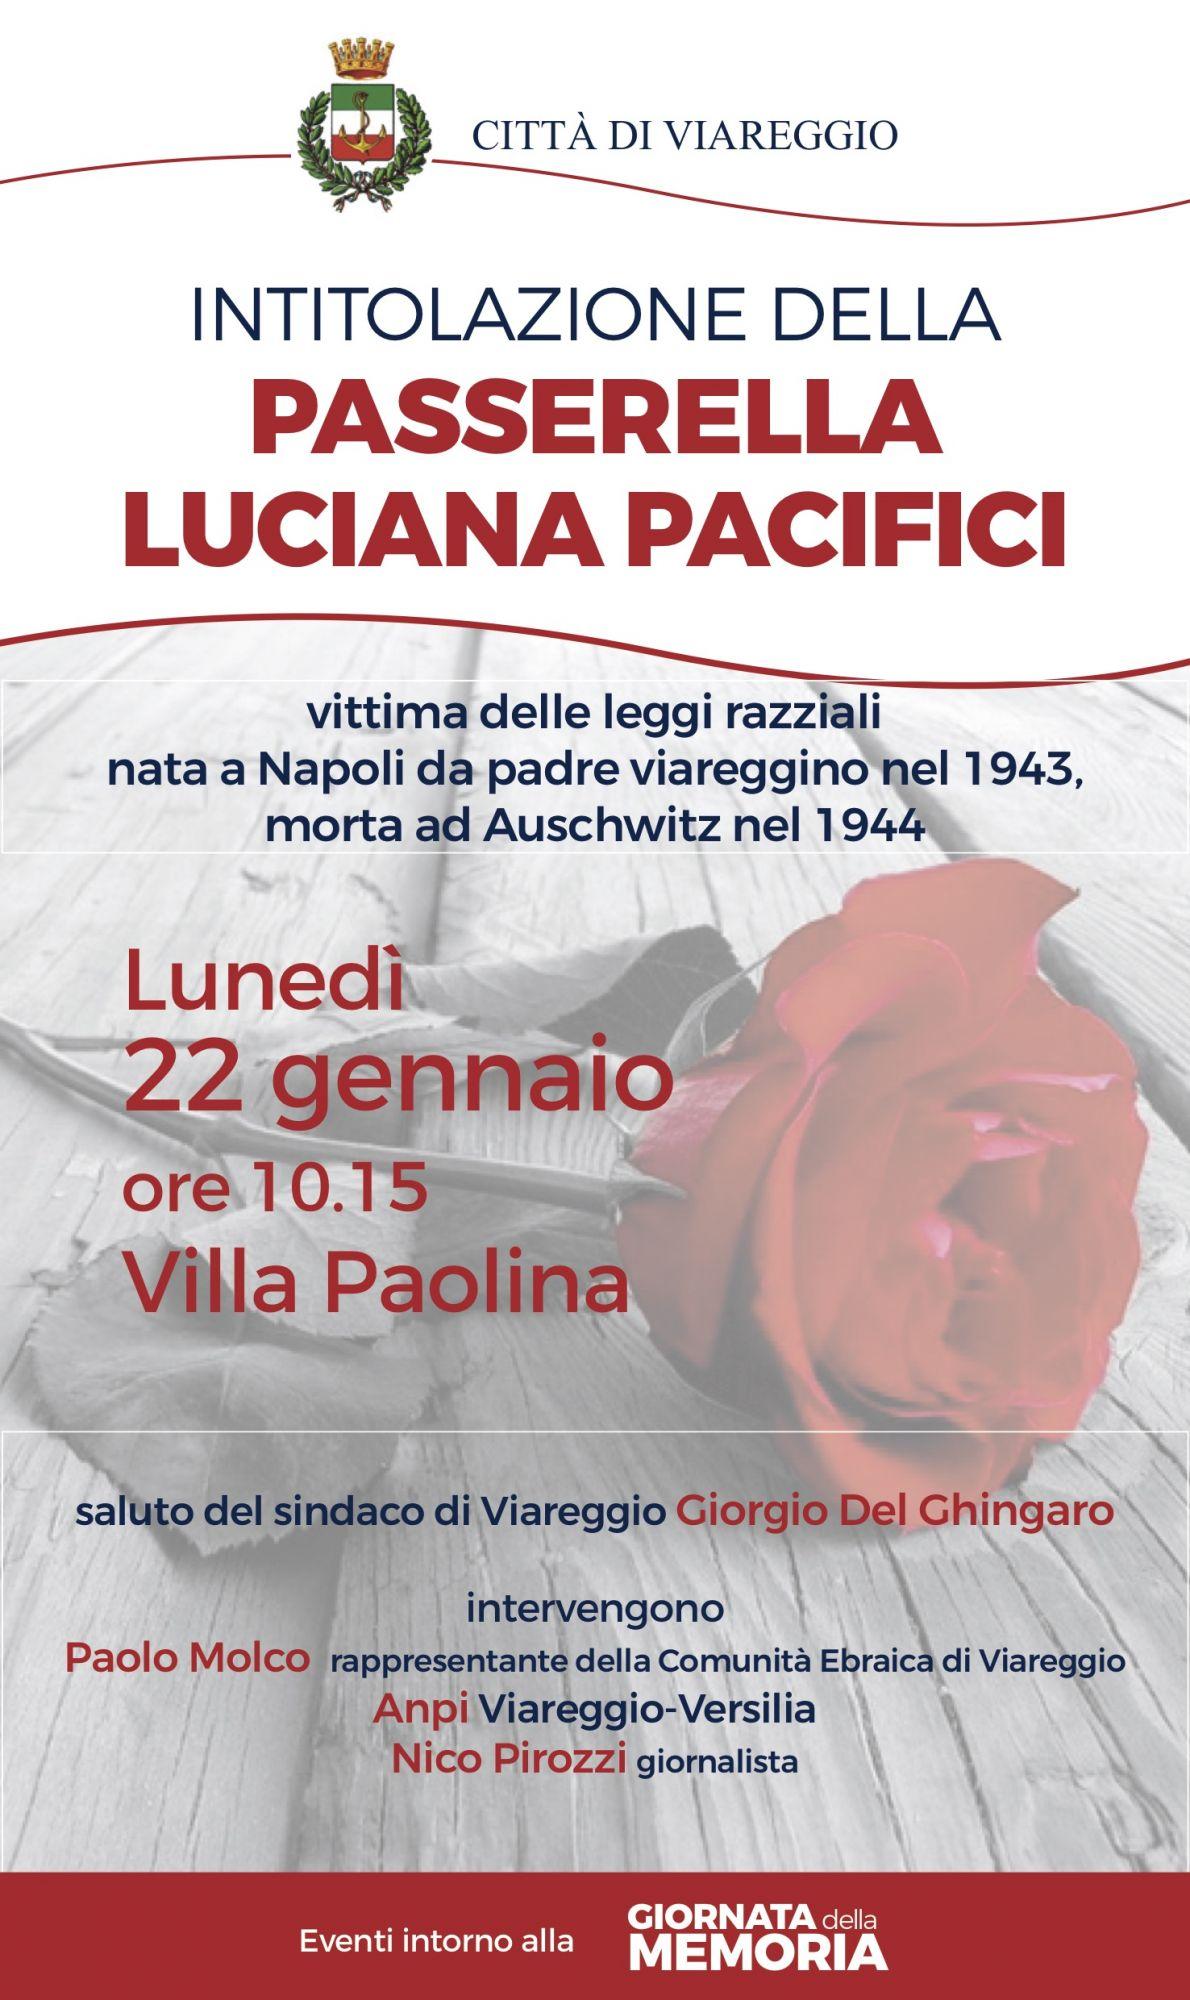 Giornata della memoria, tutte le celebrazioni a Viareggio